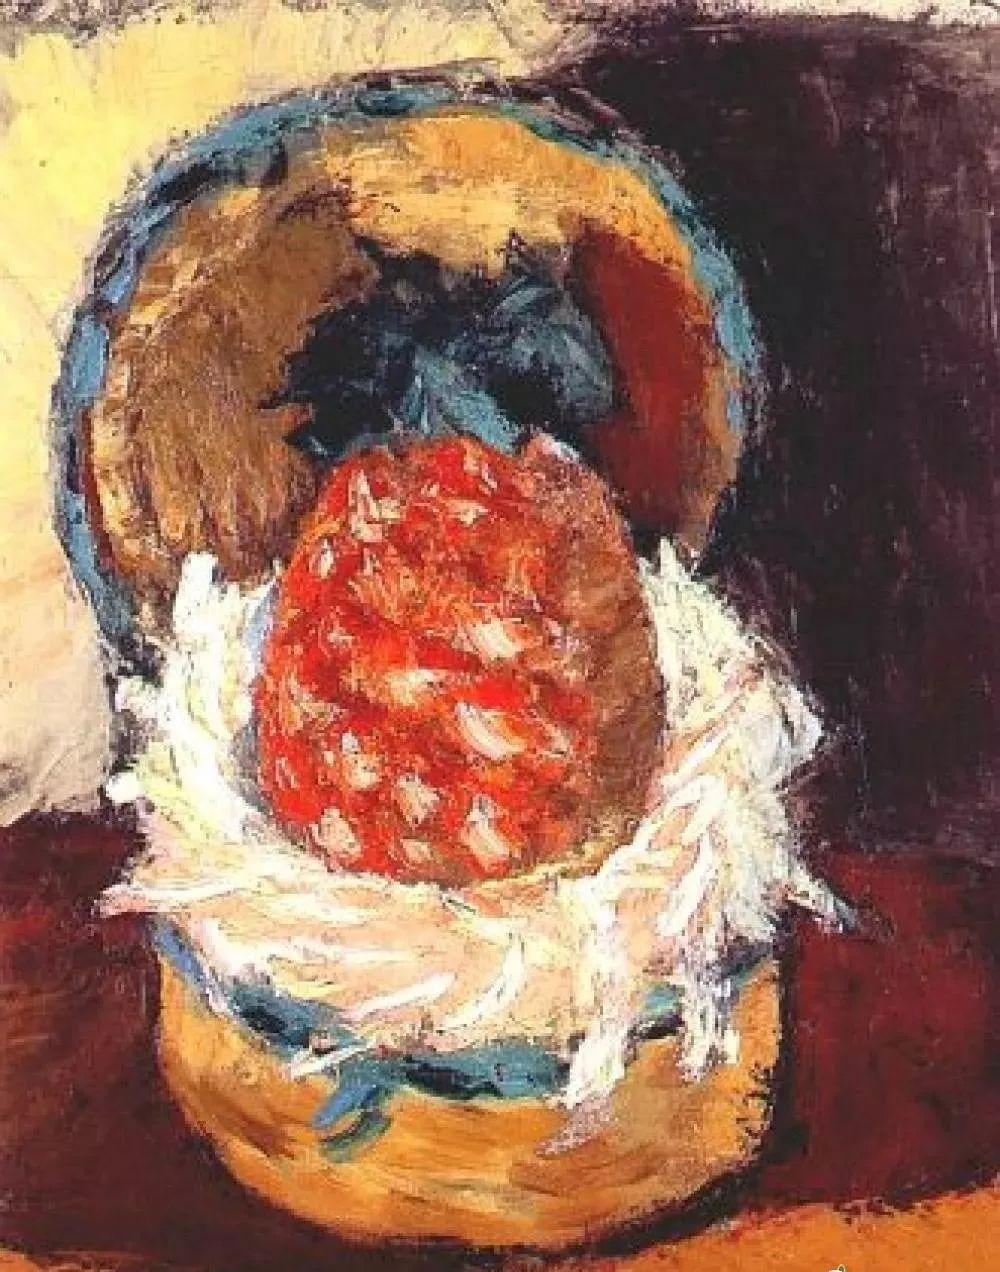 与毕加索并称为20世纪世界美术的两座高峰!马蒂斯静物作品集,震撼出炉!插图14